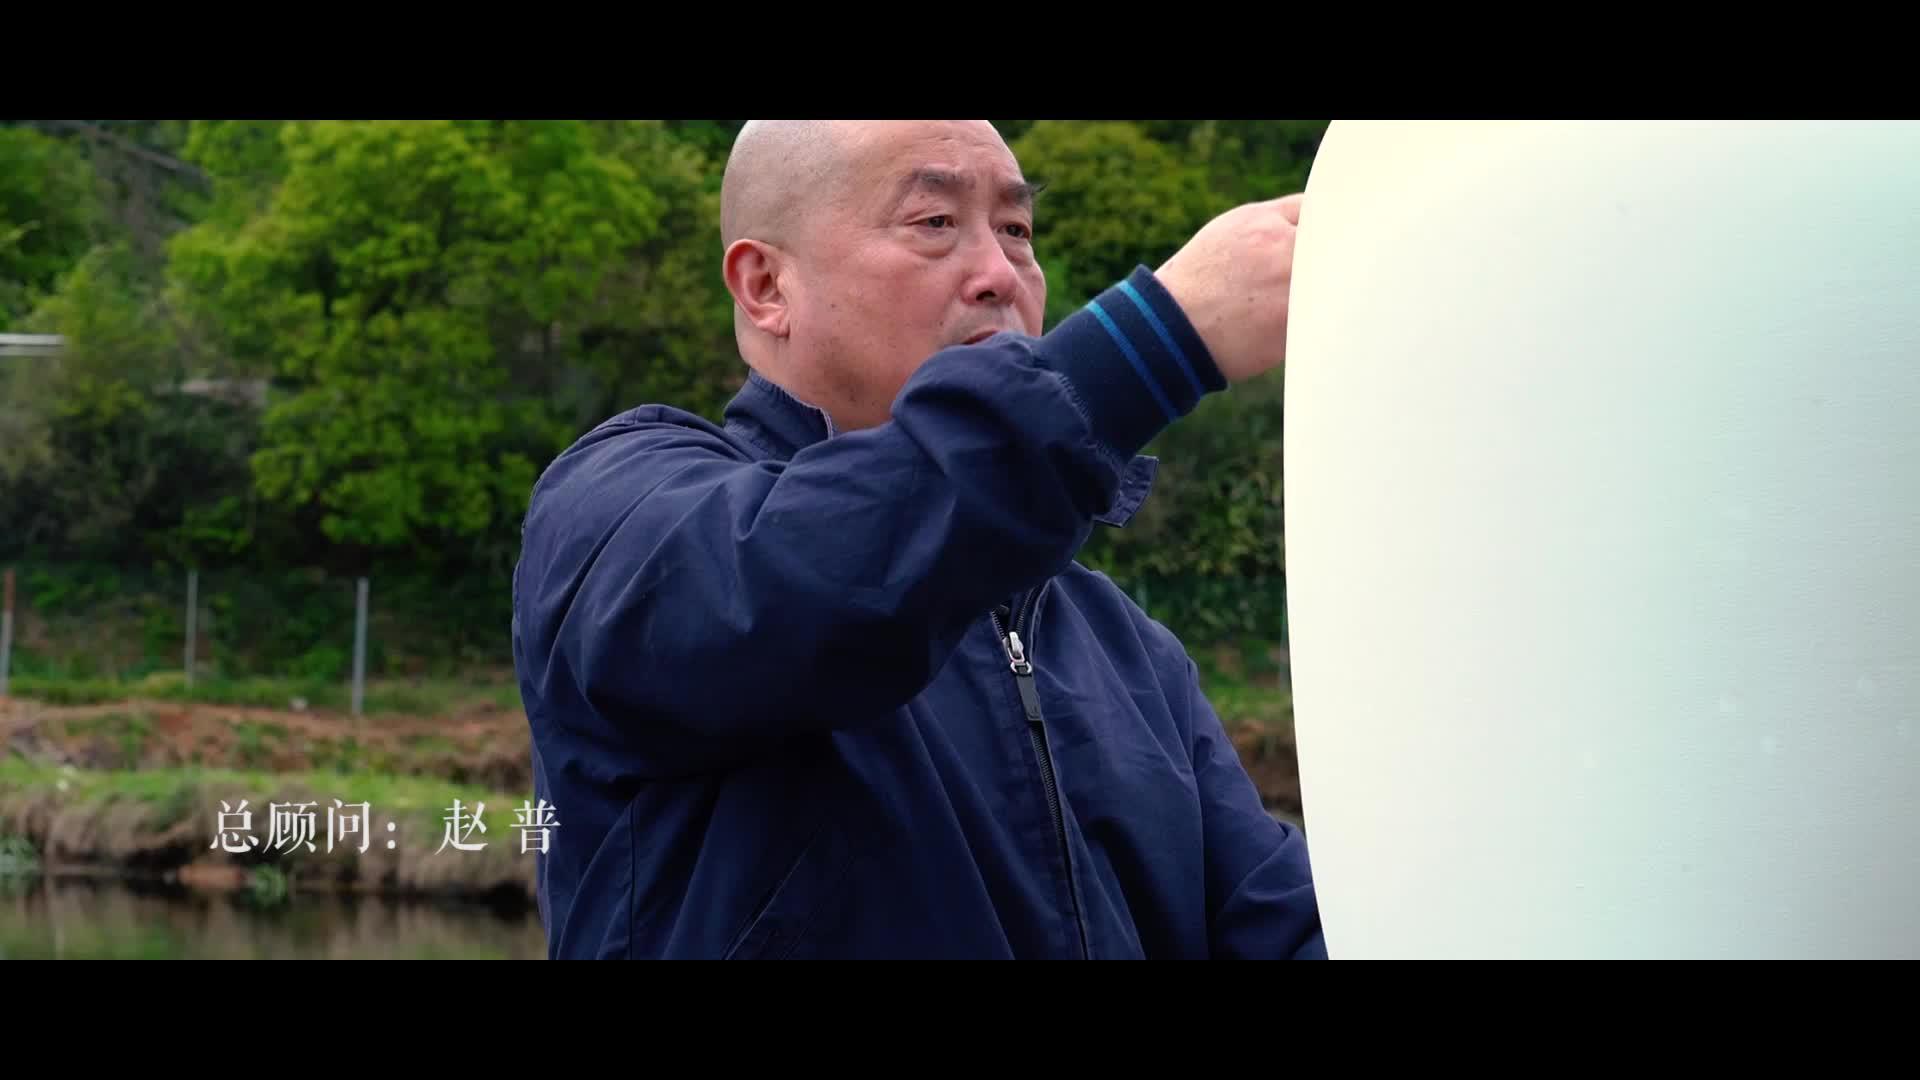 守艺中国之景德镇篇:青花梅瓶匠人熊光鑫 07